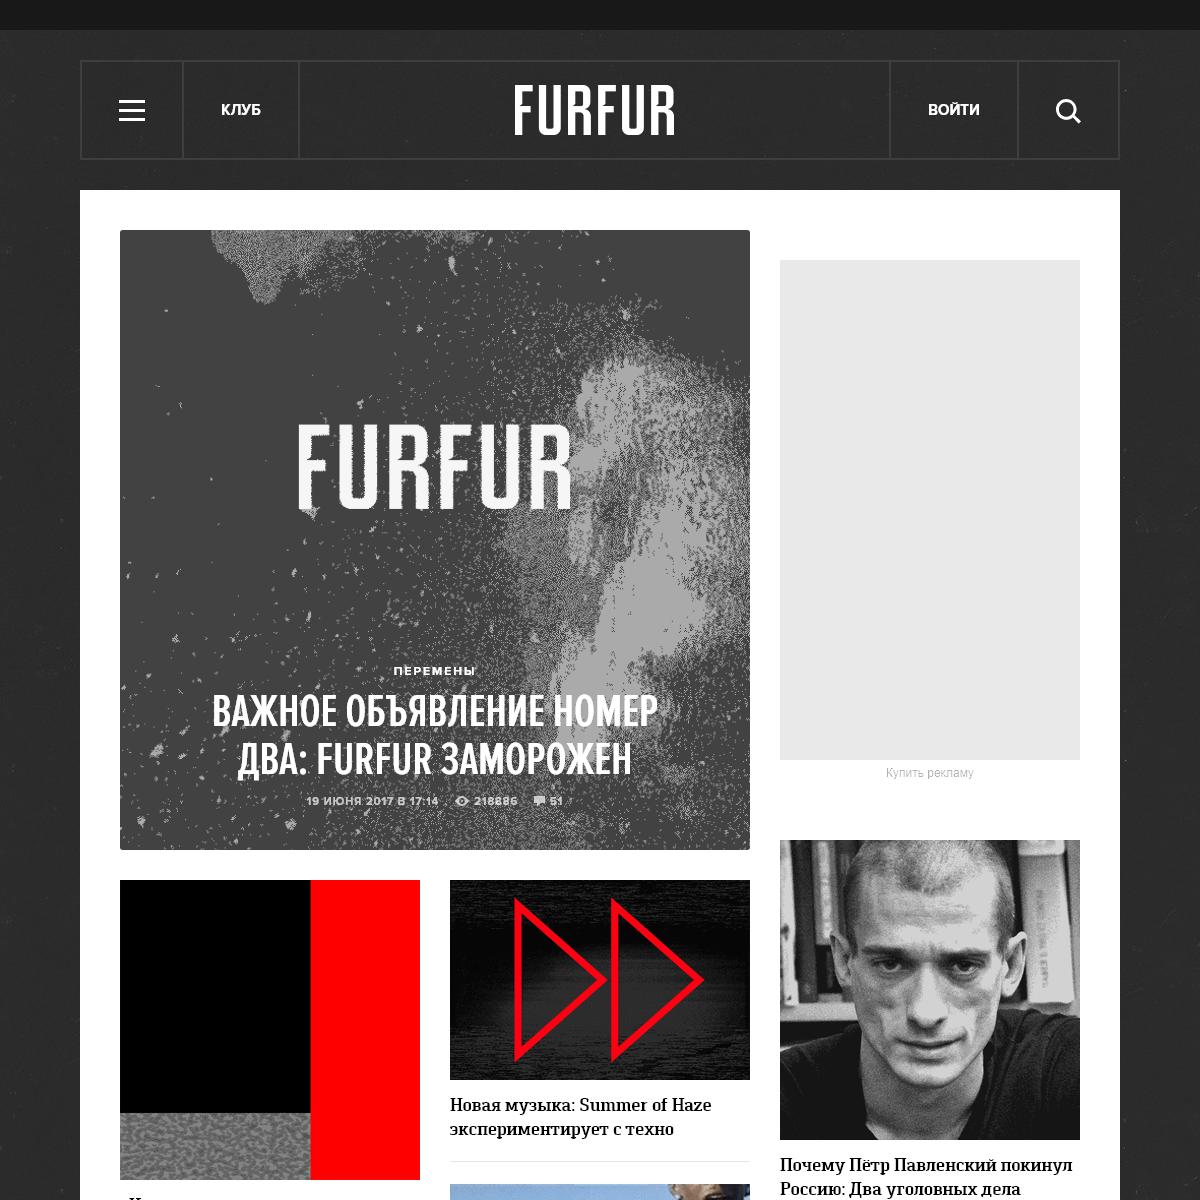 FURFUR — ежедневное молодежное интернет-издание и сообщество его читате